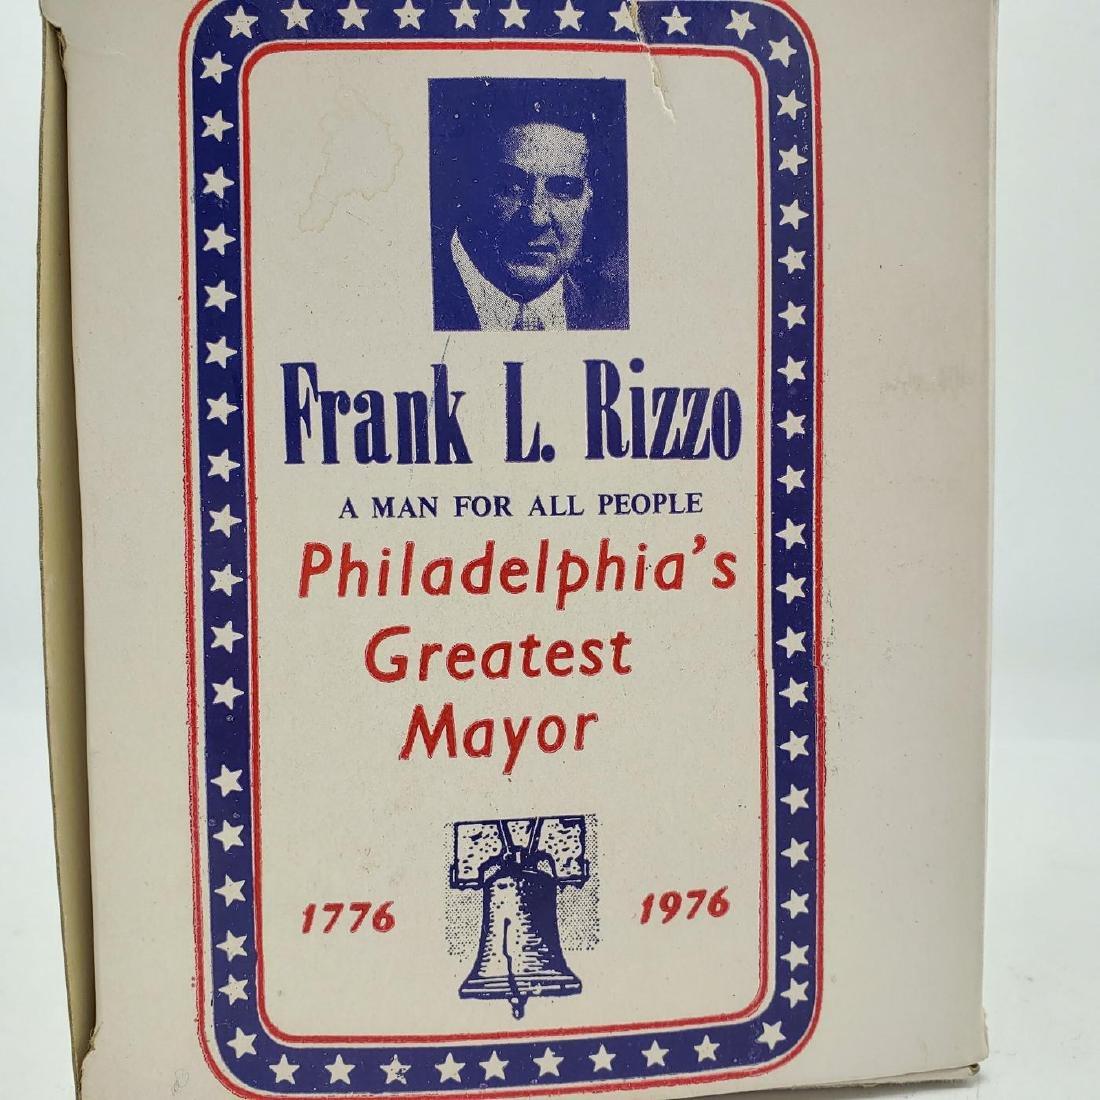 Frank Rizzo ÒPhiladelphiaÕs Greatest MayorÓ Solo - 2